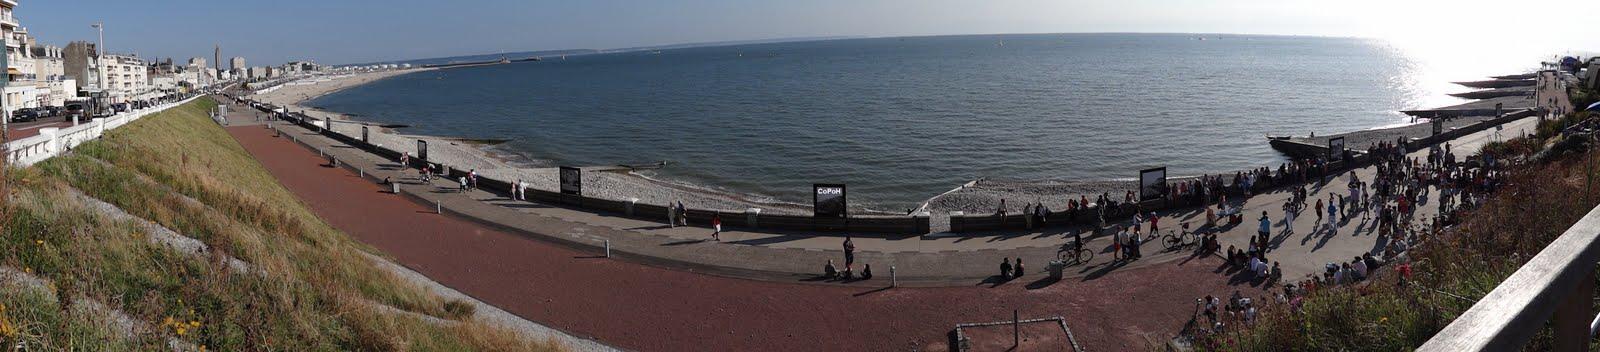 Plage du Havre Vue Panoramique